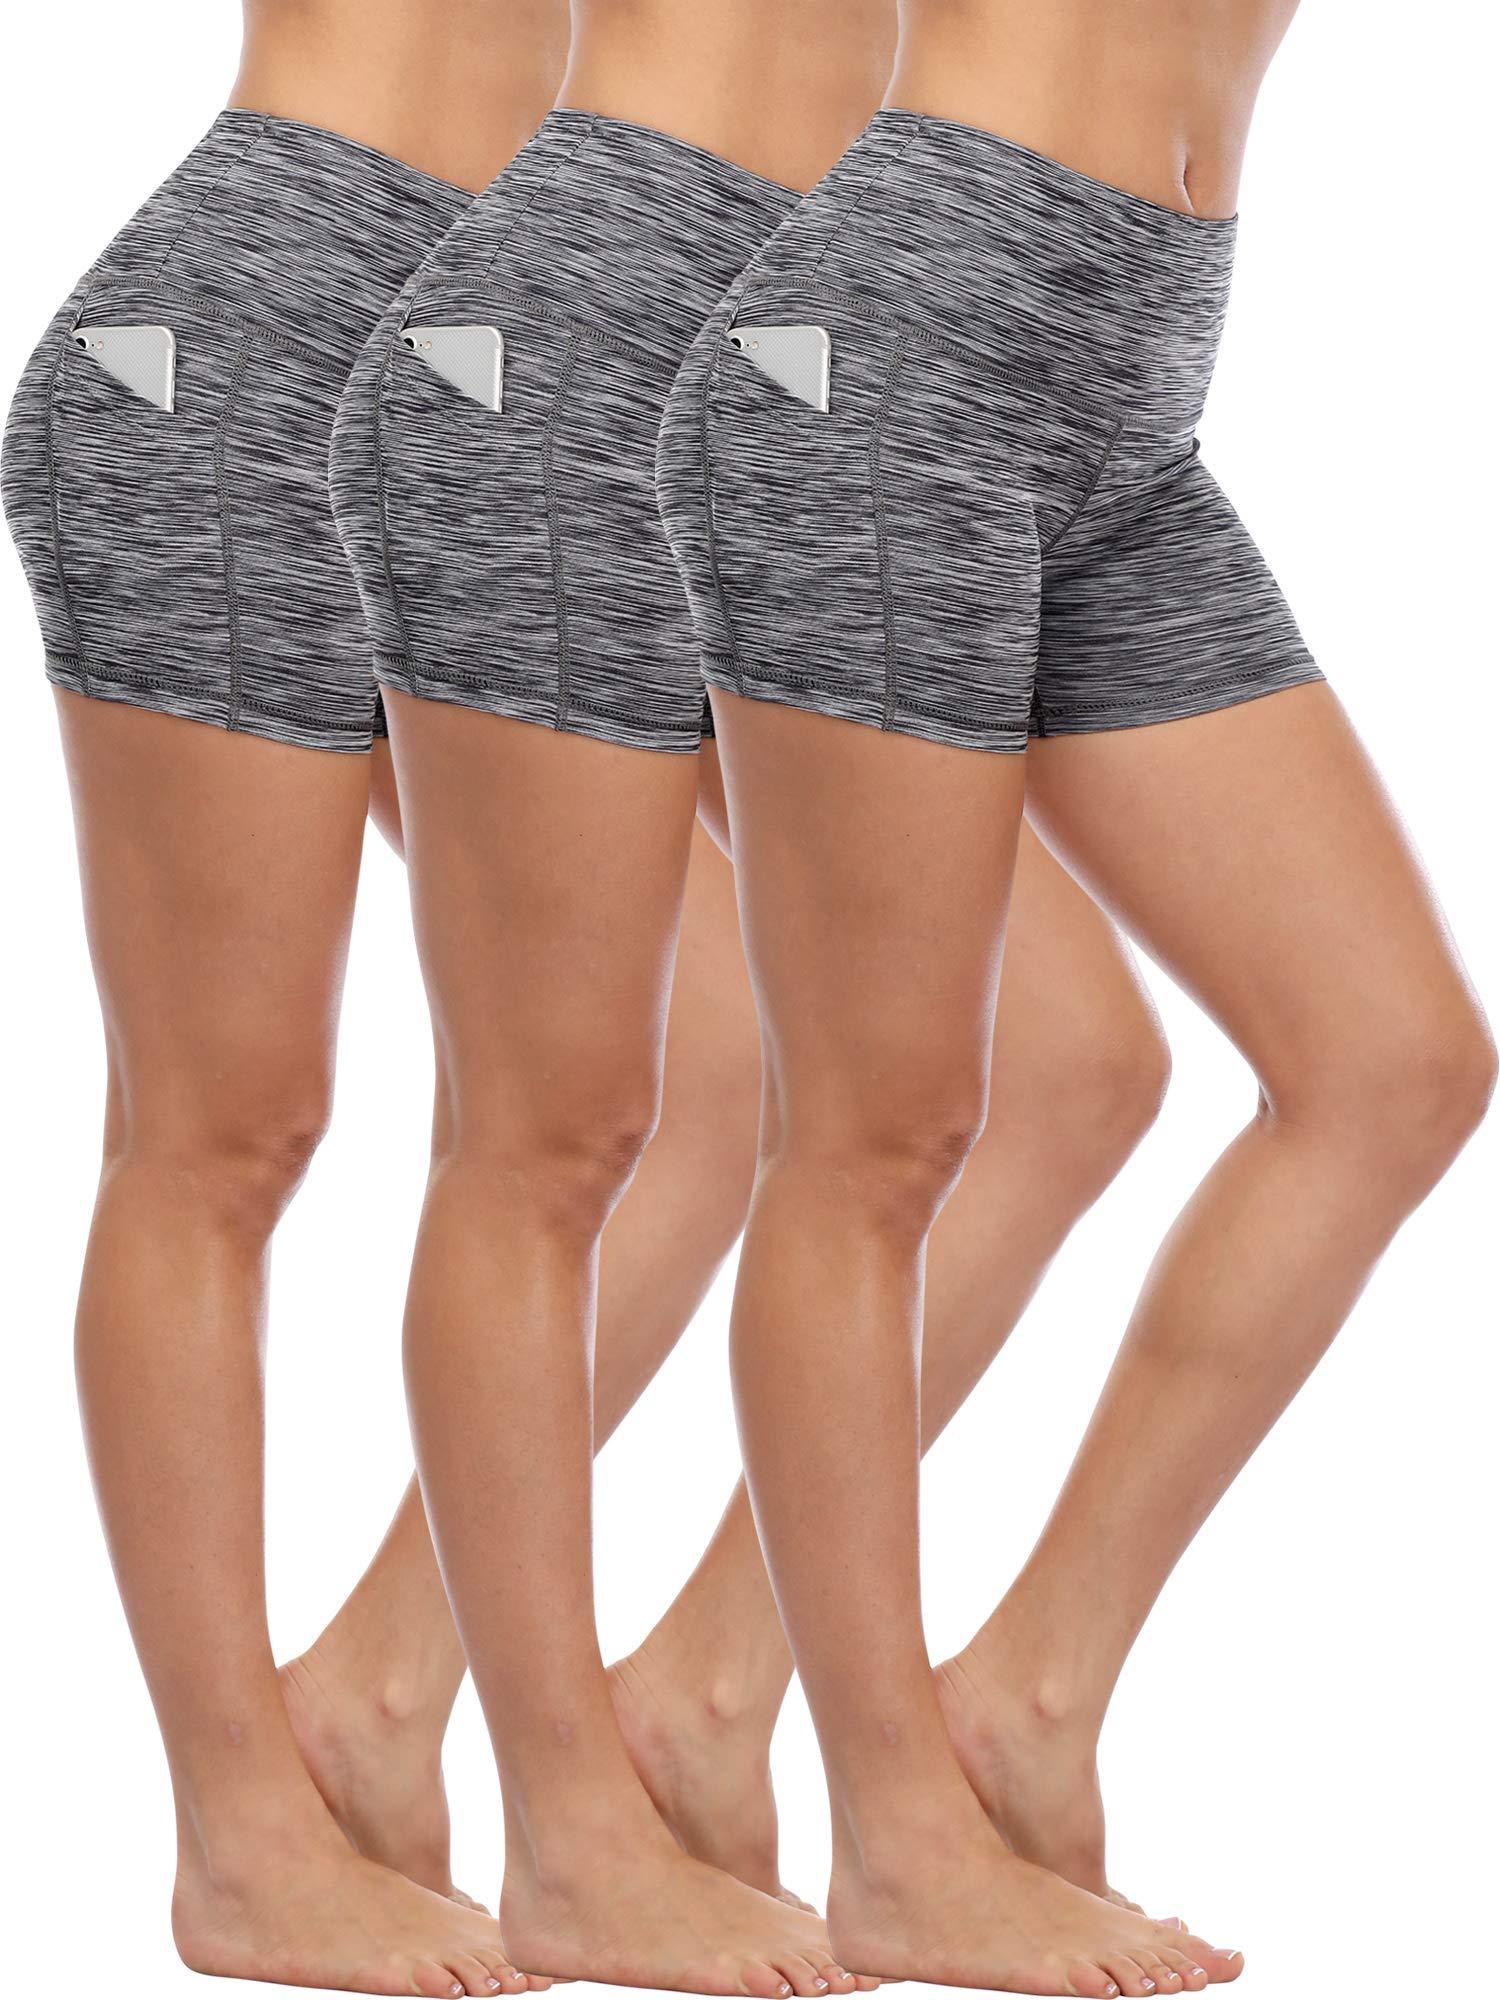 Cadmus Womens High Waist Running Workout Short Out Pockets